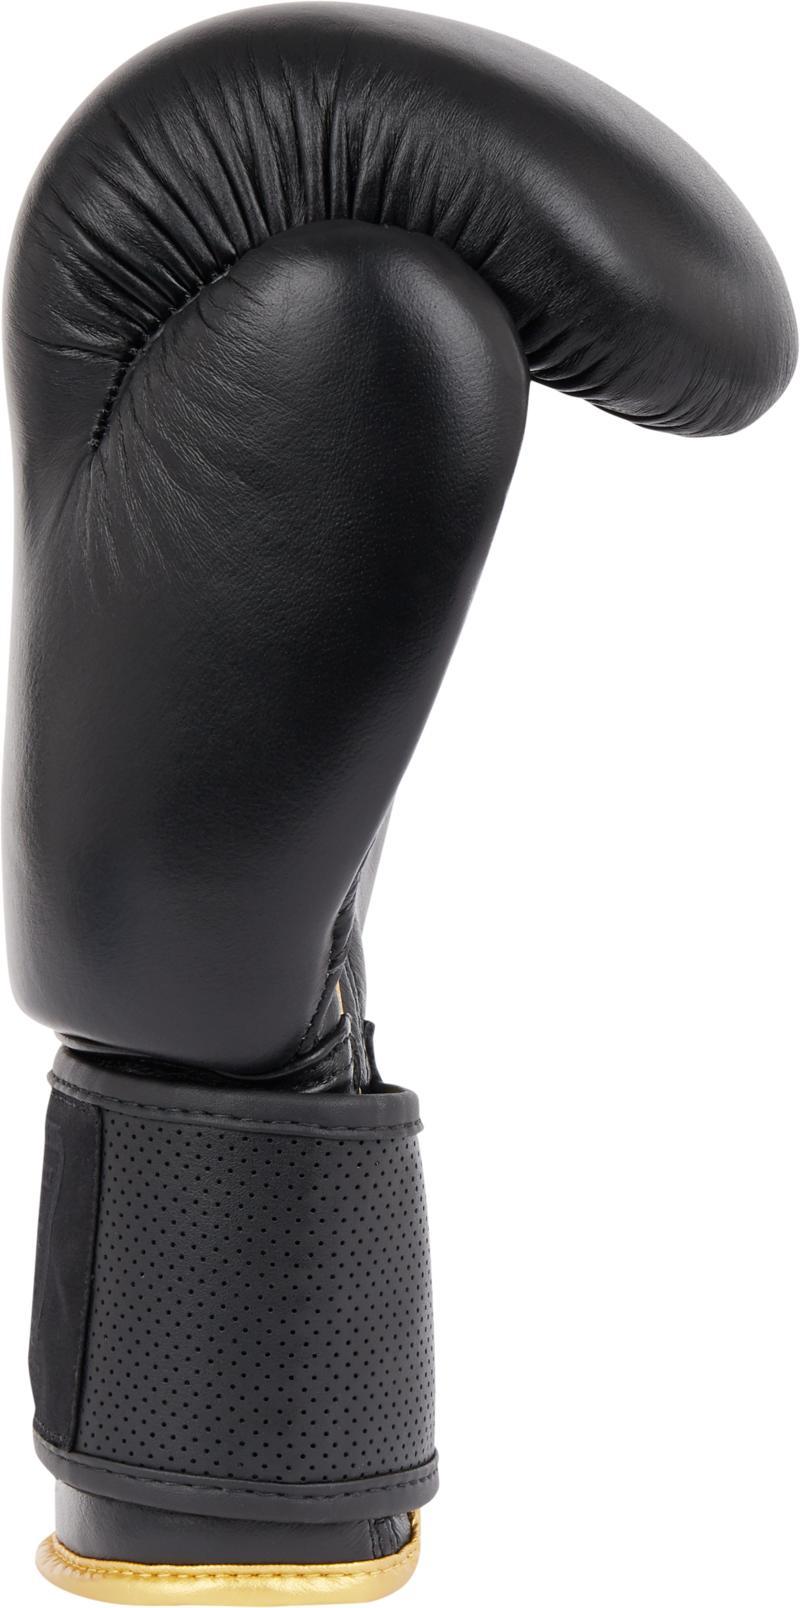 Energetics LEATHER TN, rukavice za boks, crna